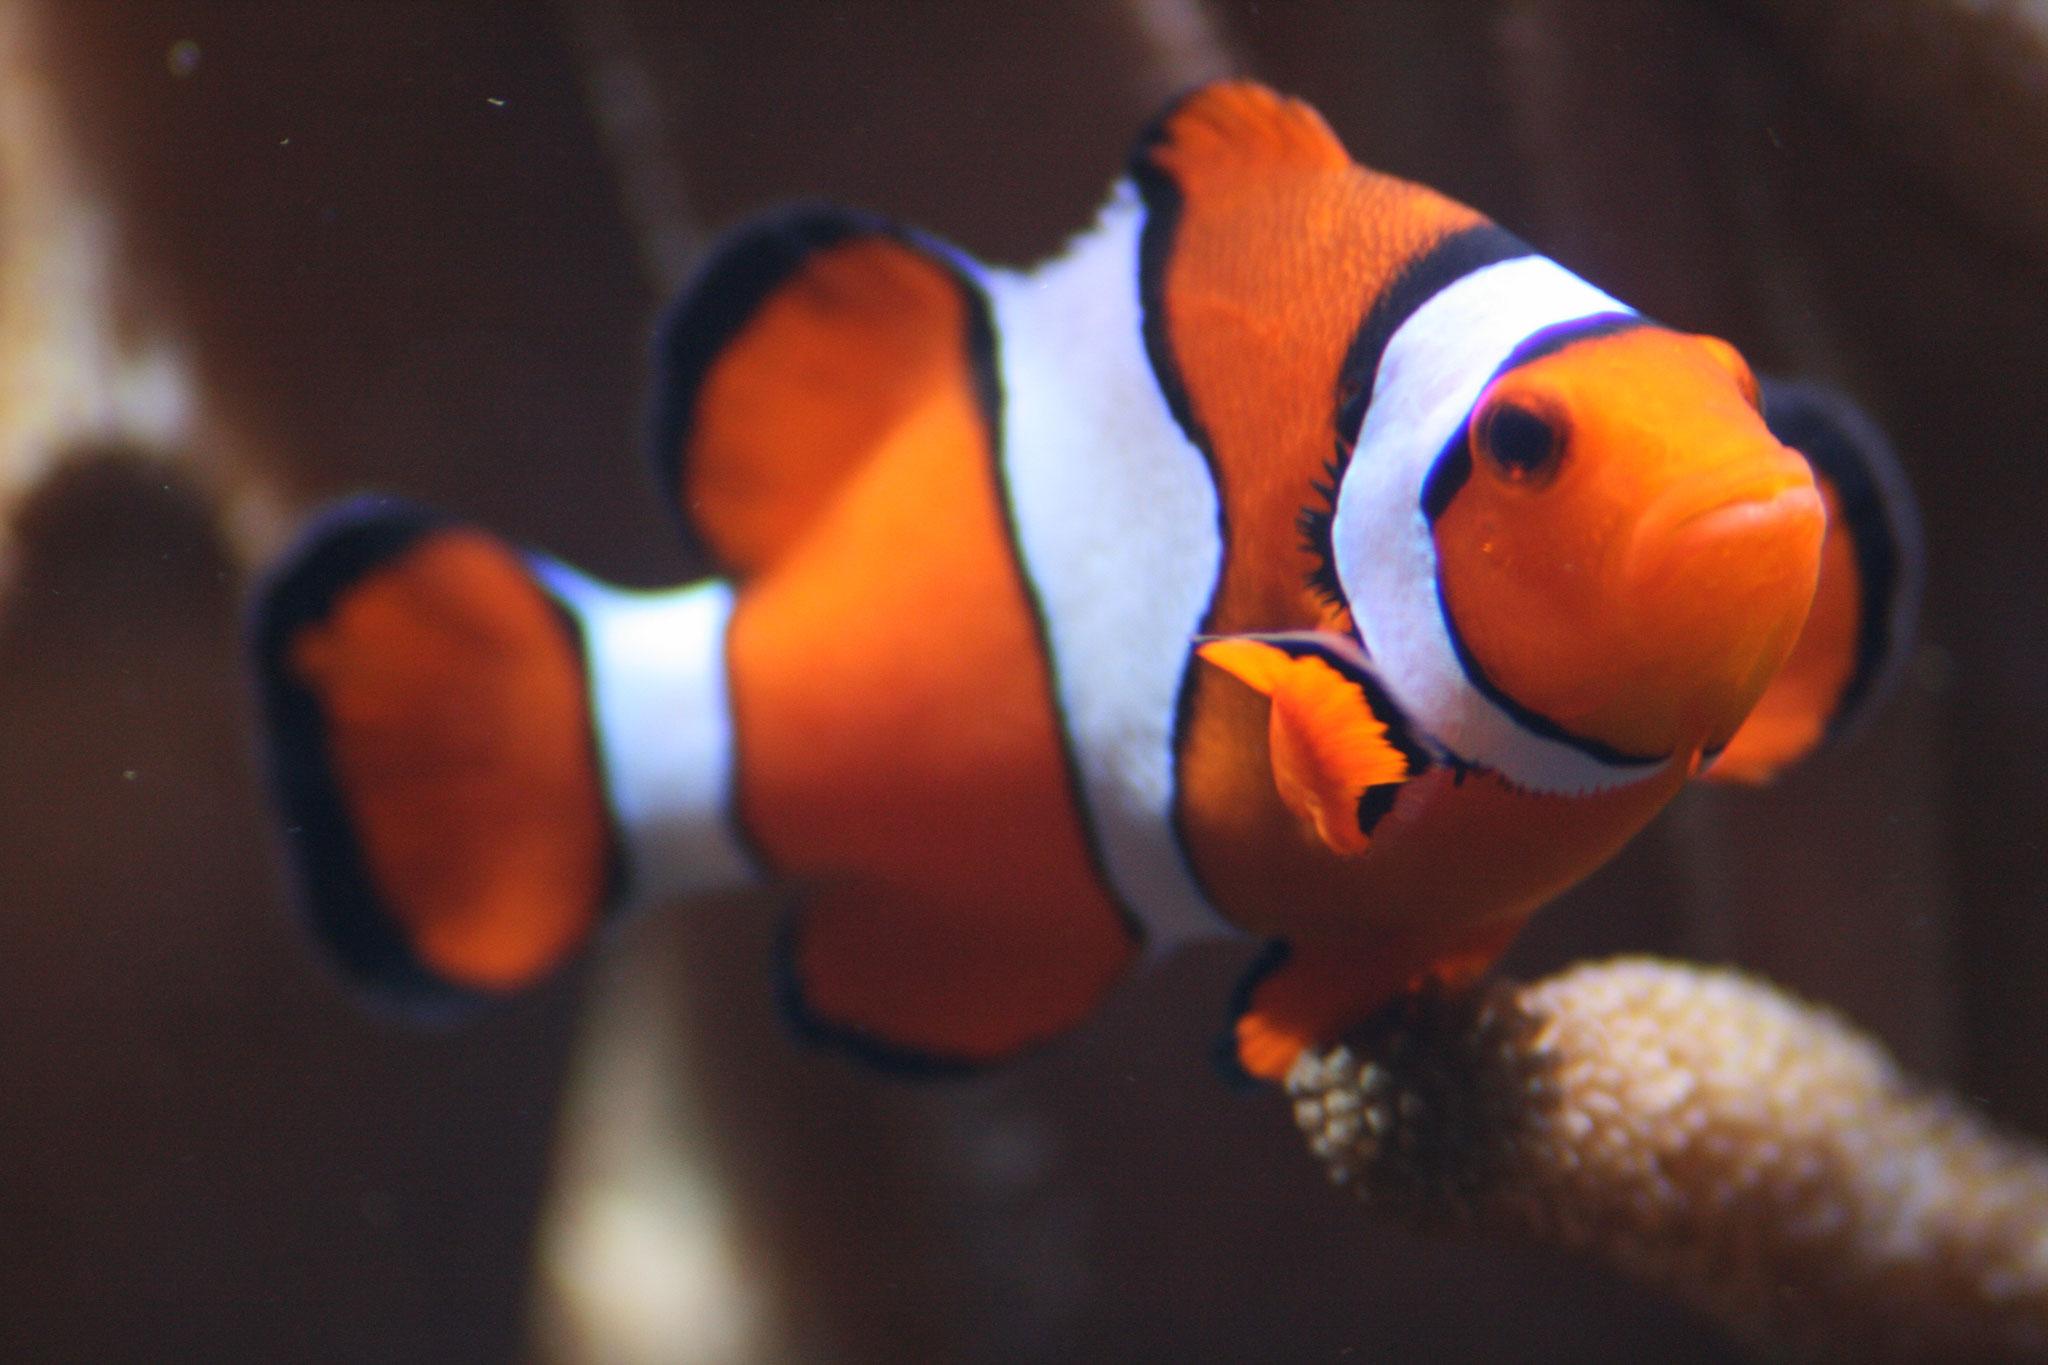 Clownfisch/Anemomenfisch, Aufnahme: Steve Nickolaus